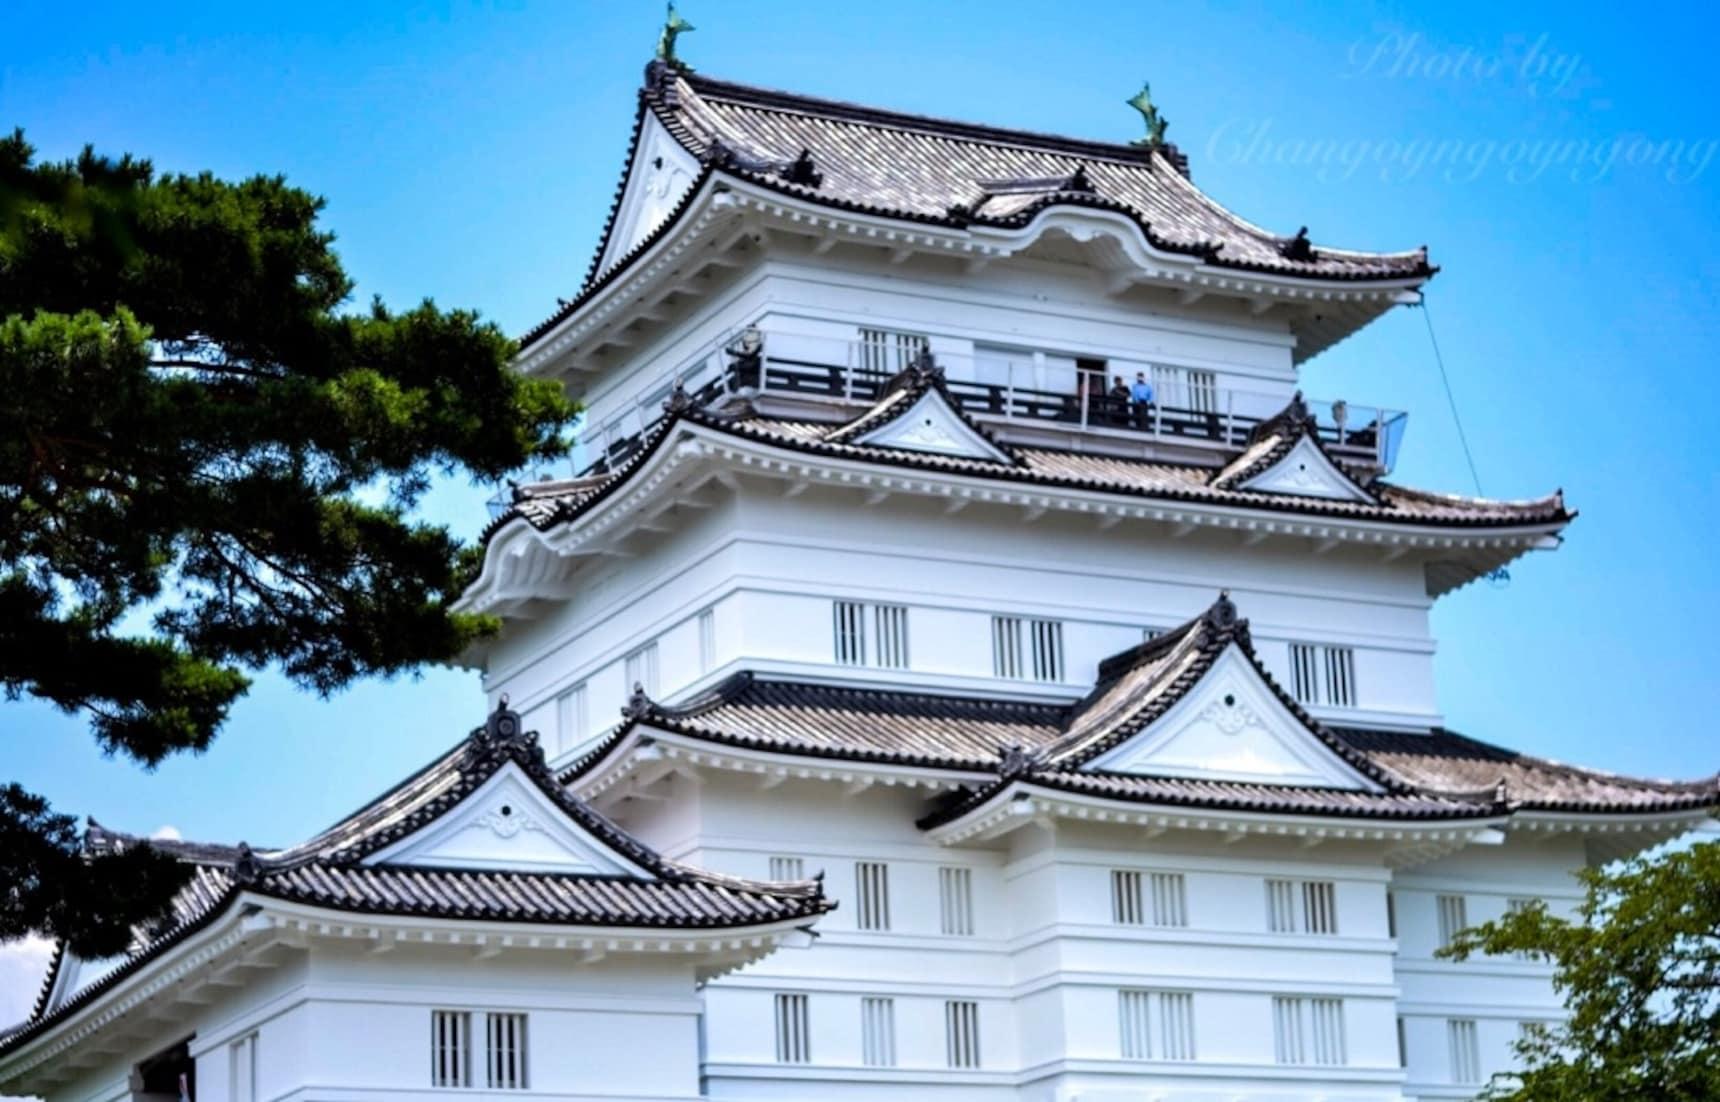 ปราสาทโอดาวาระ ปราสาทเก่าแก่แห่งคานากาว่า